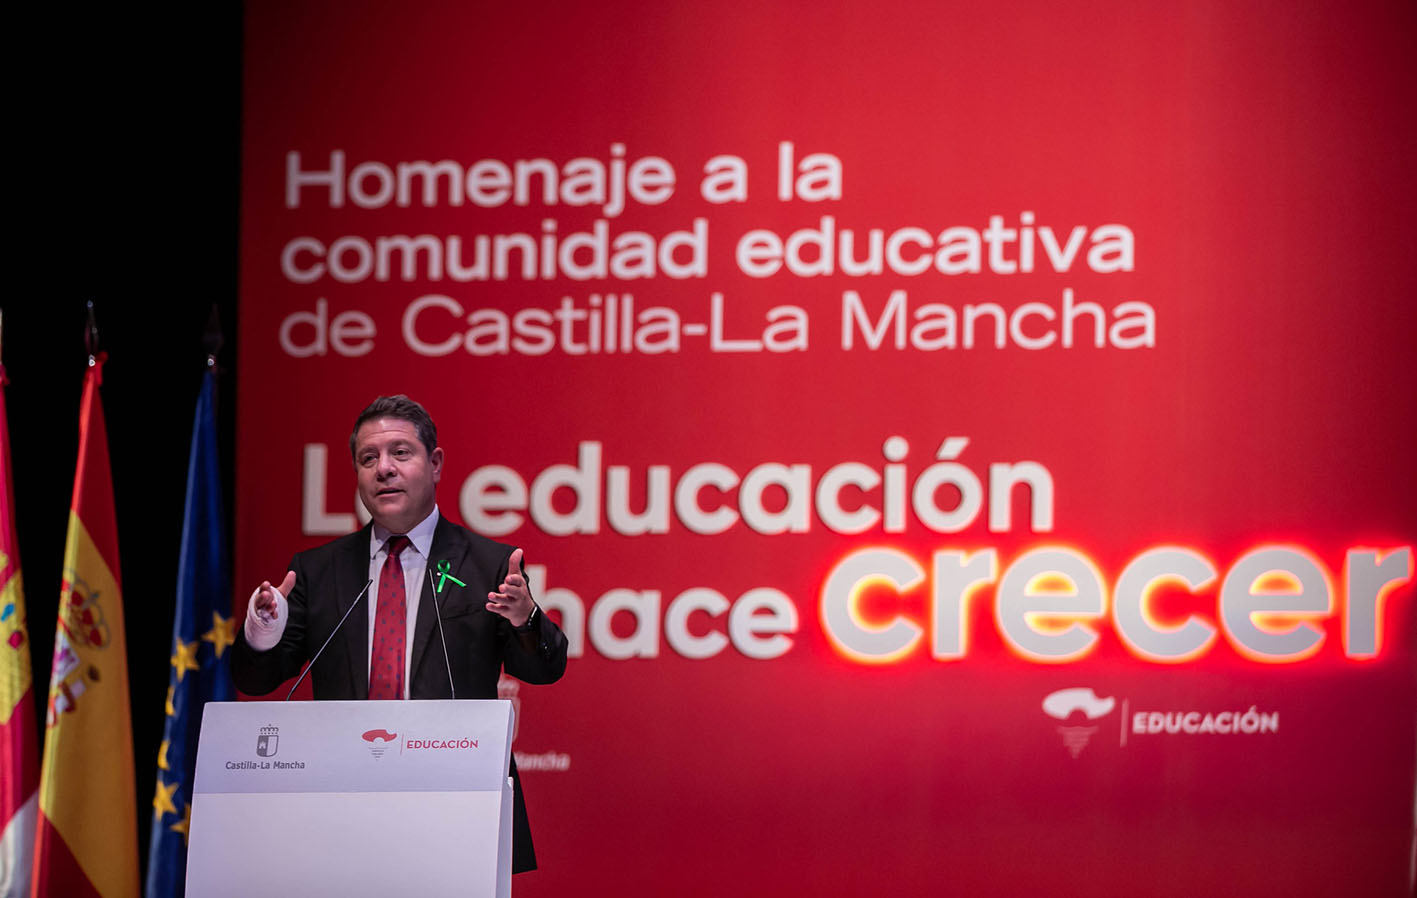 Page, durante el acto institucional que se ha celebrado en Albacete con motivo de la gala de la Educación.